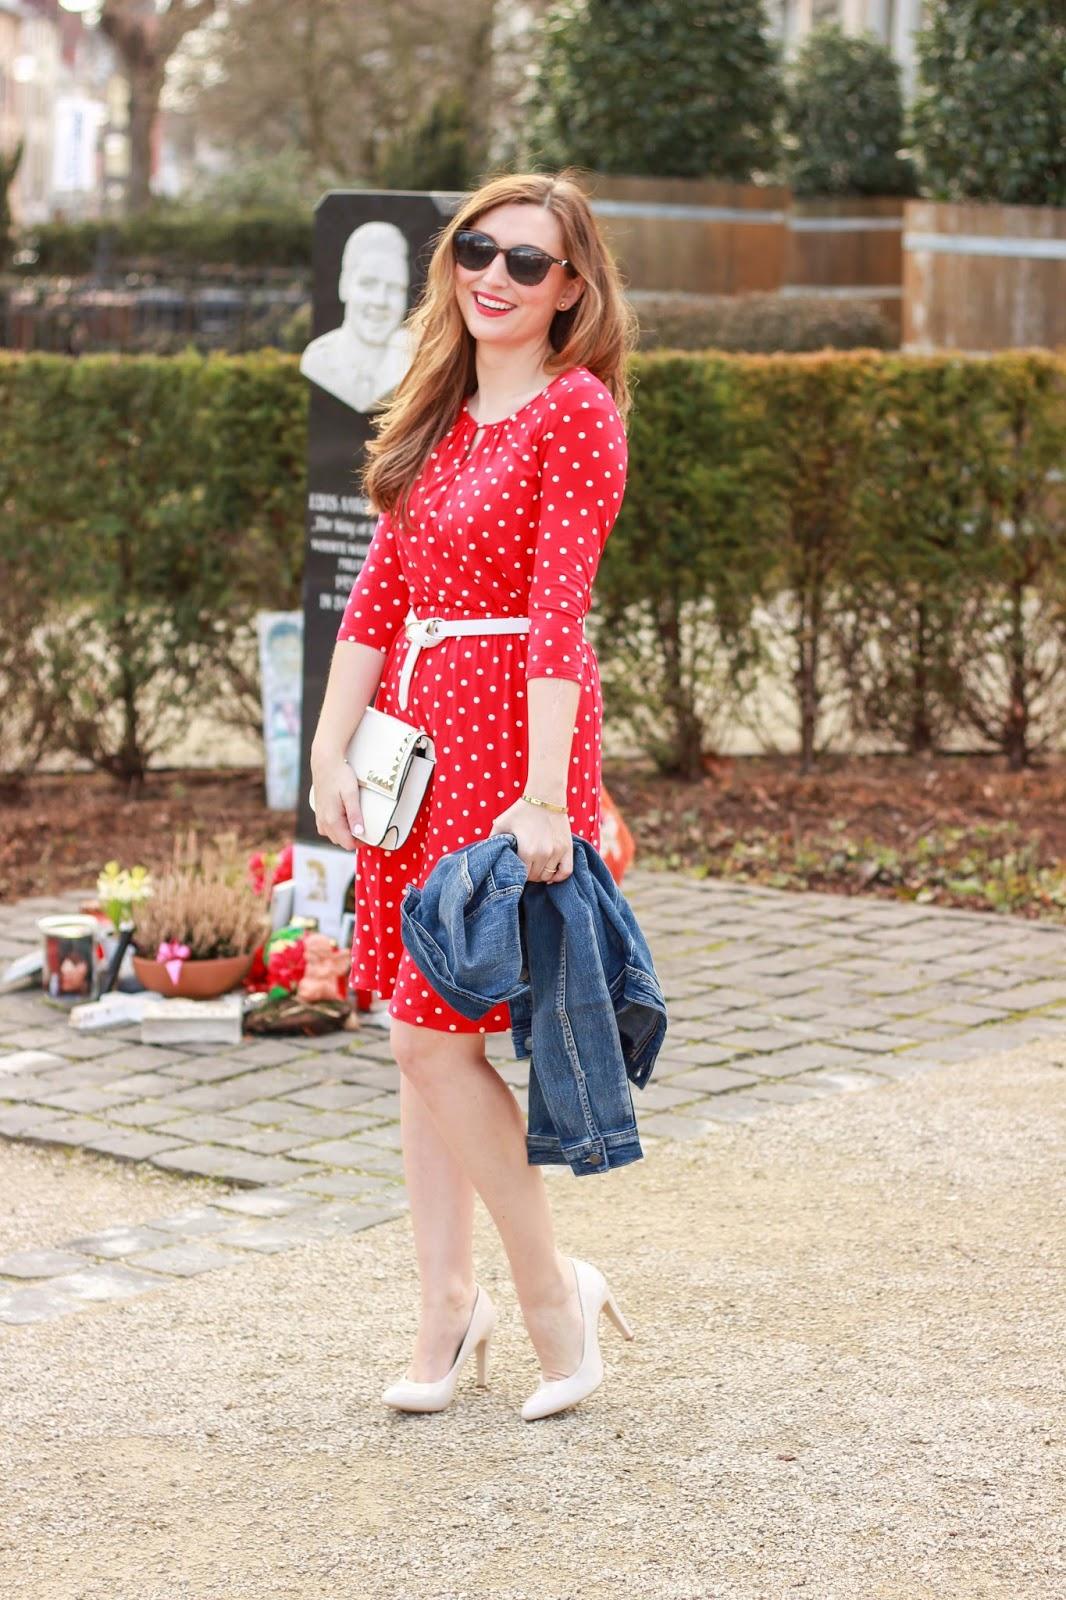 Rotes Pünktchenkleid von Conleys - Conleys Outfit . Streetstylle - 60 Style- Fashionblogger aus Deutschland